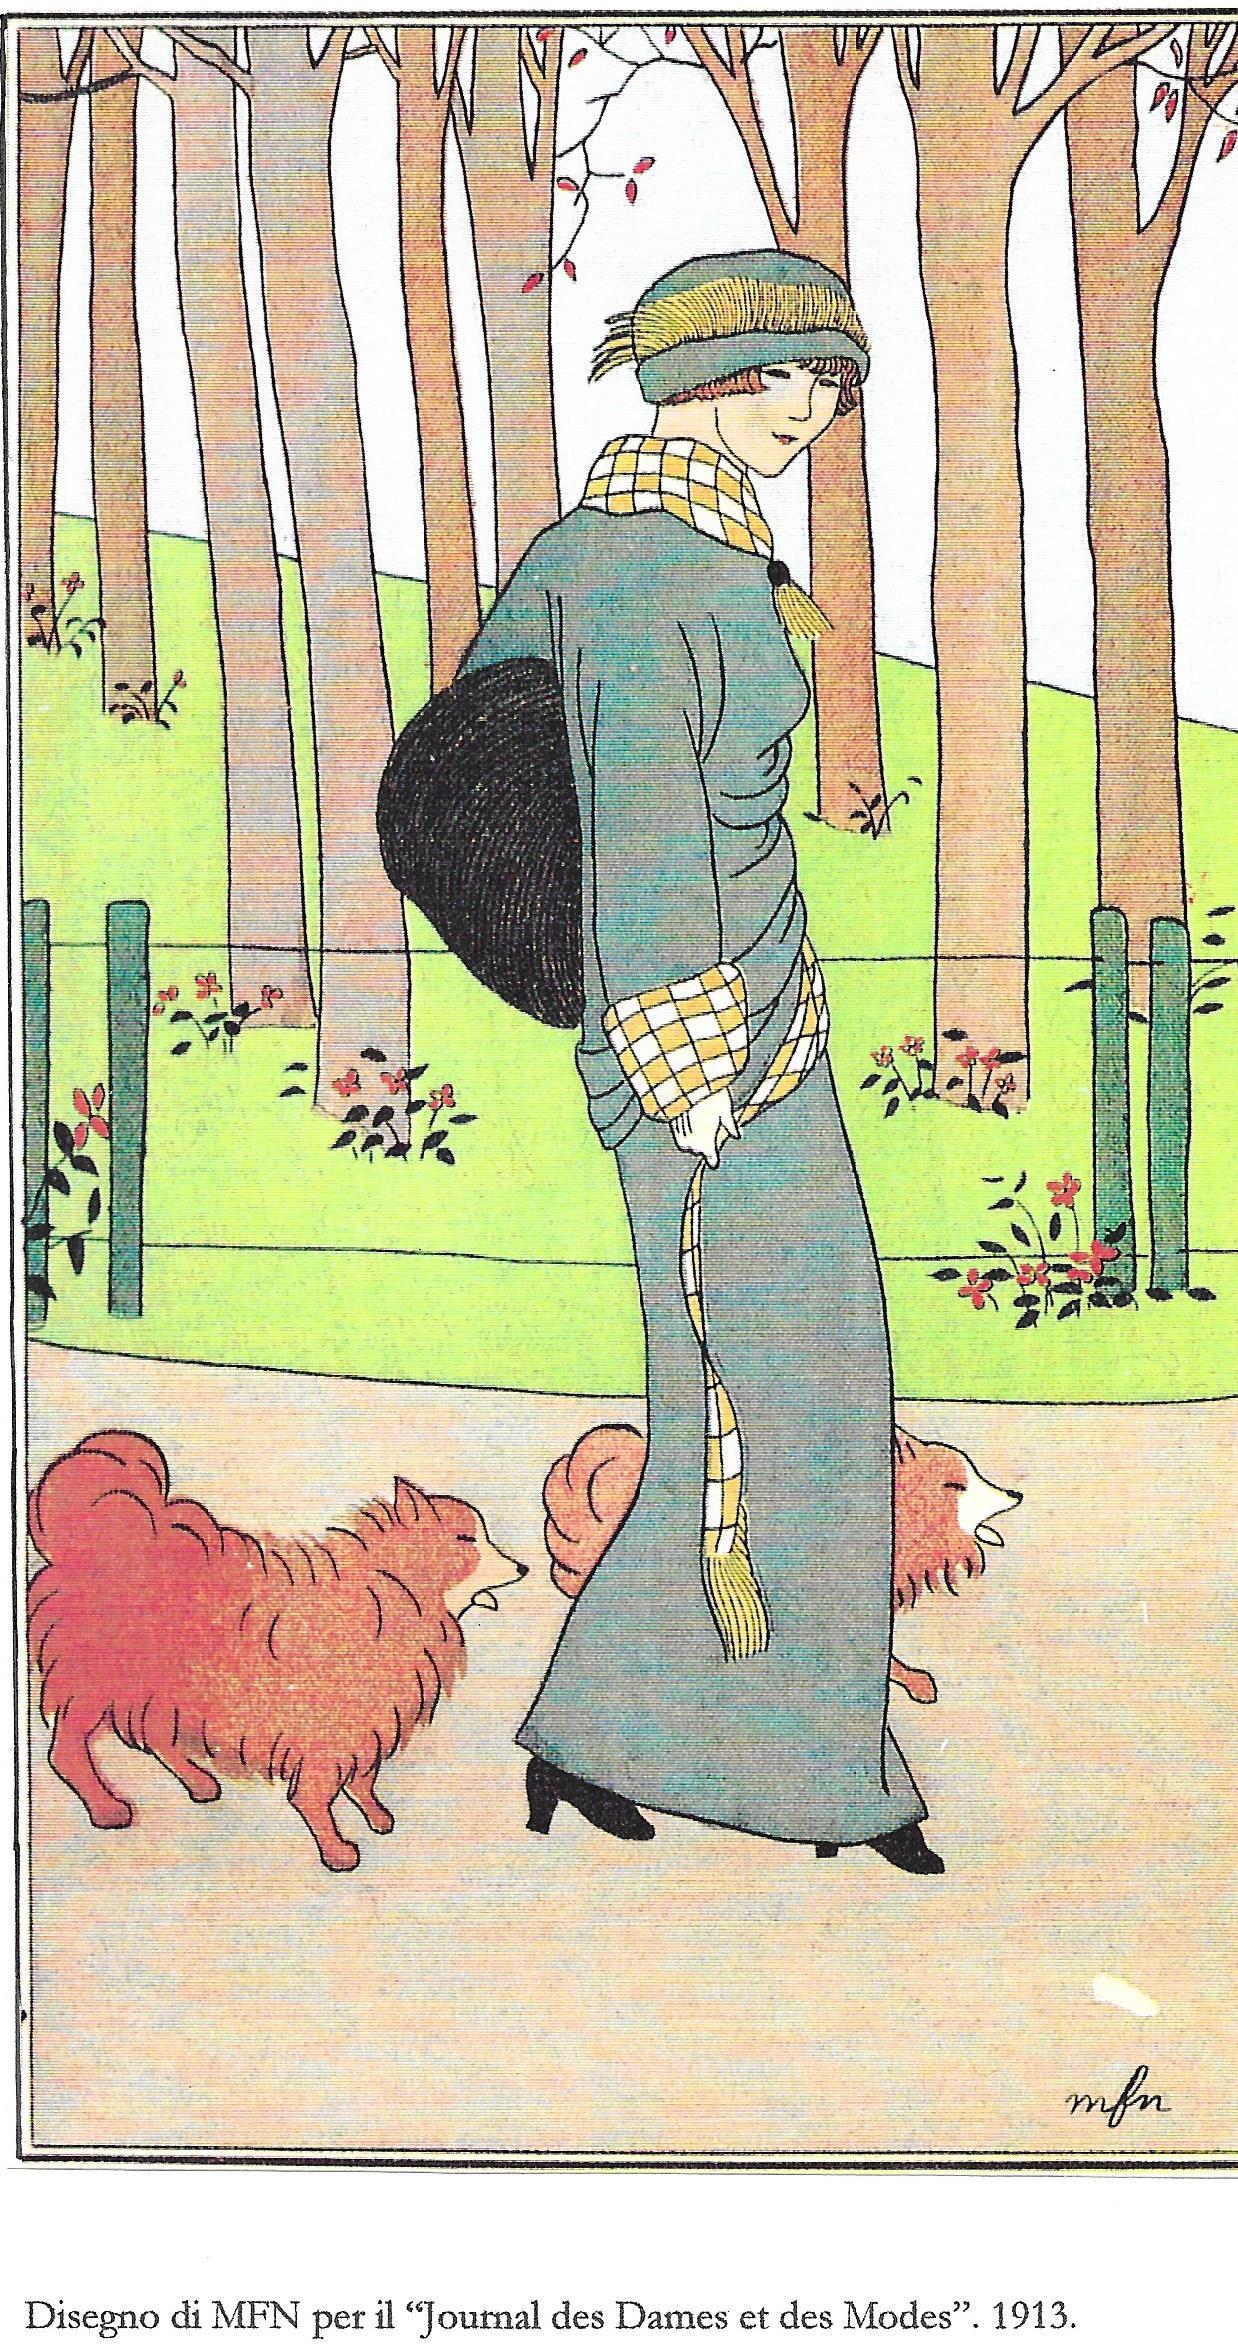 """18 Disegno di MFN per il """"Journal des Dames et des Modes"""" 1913"""